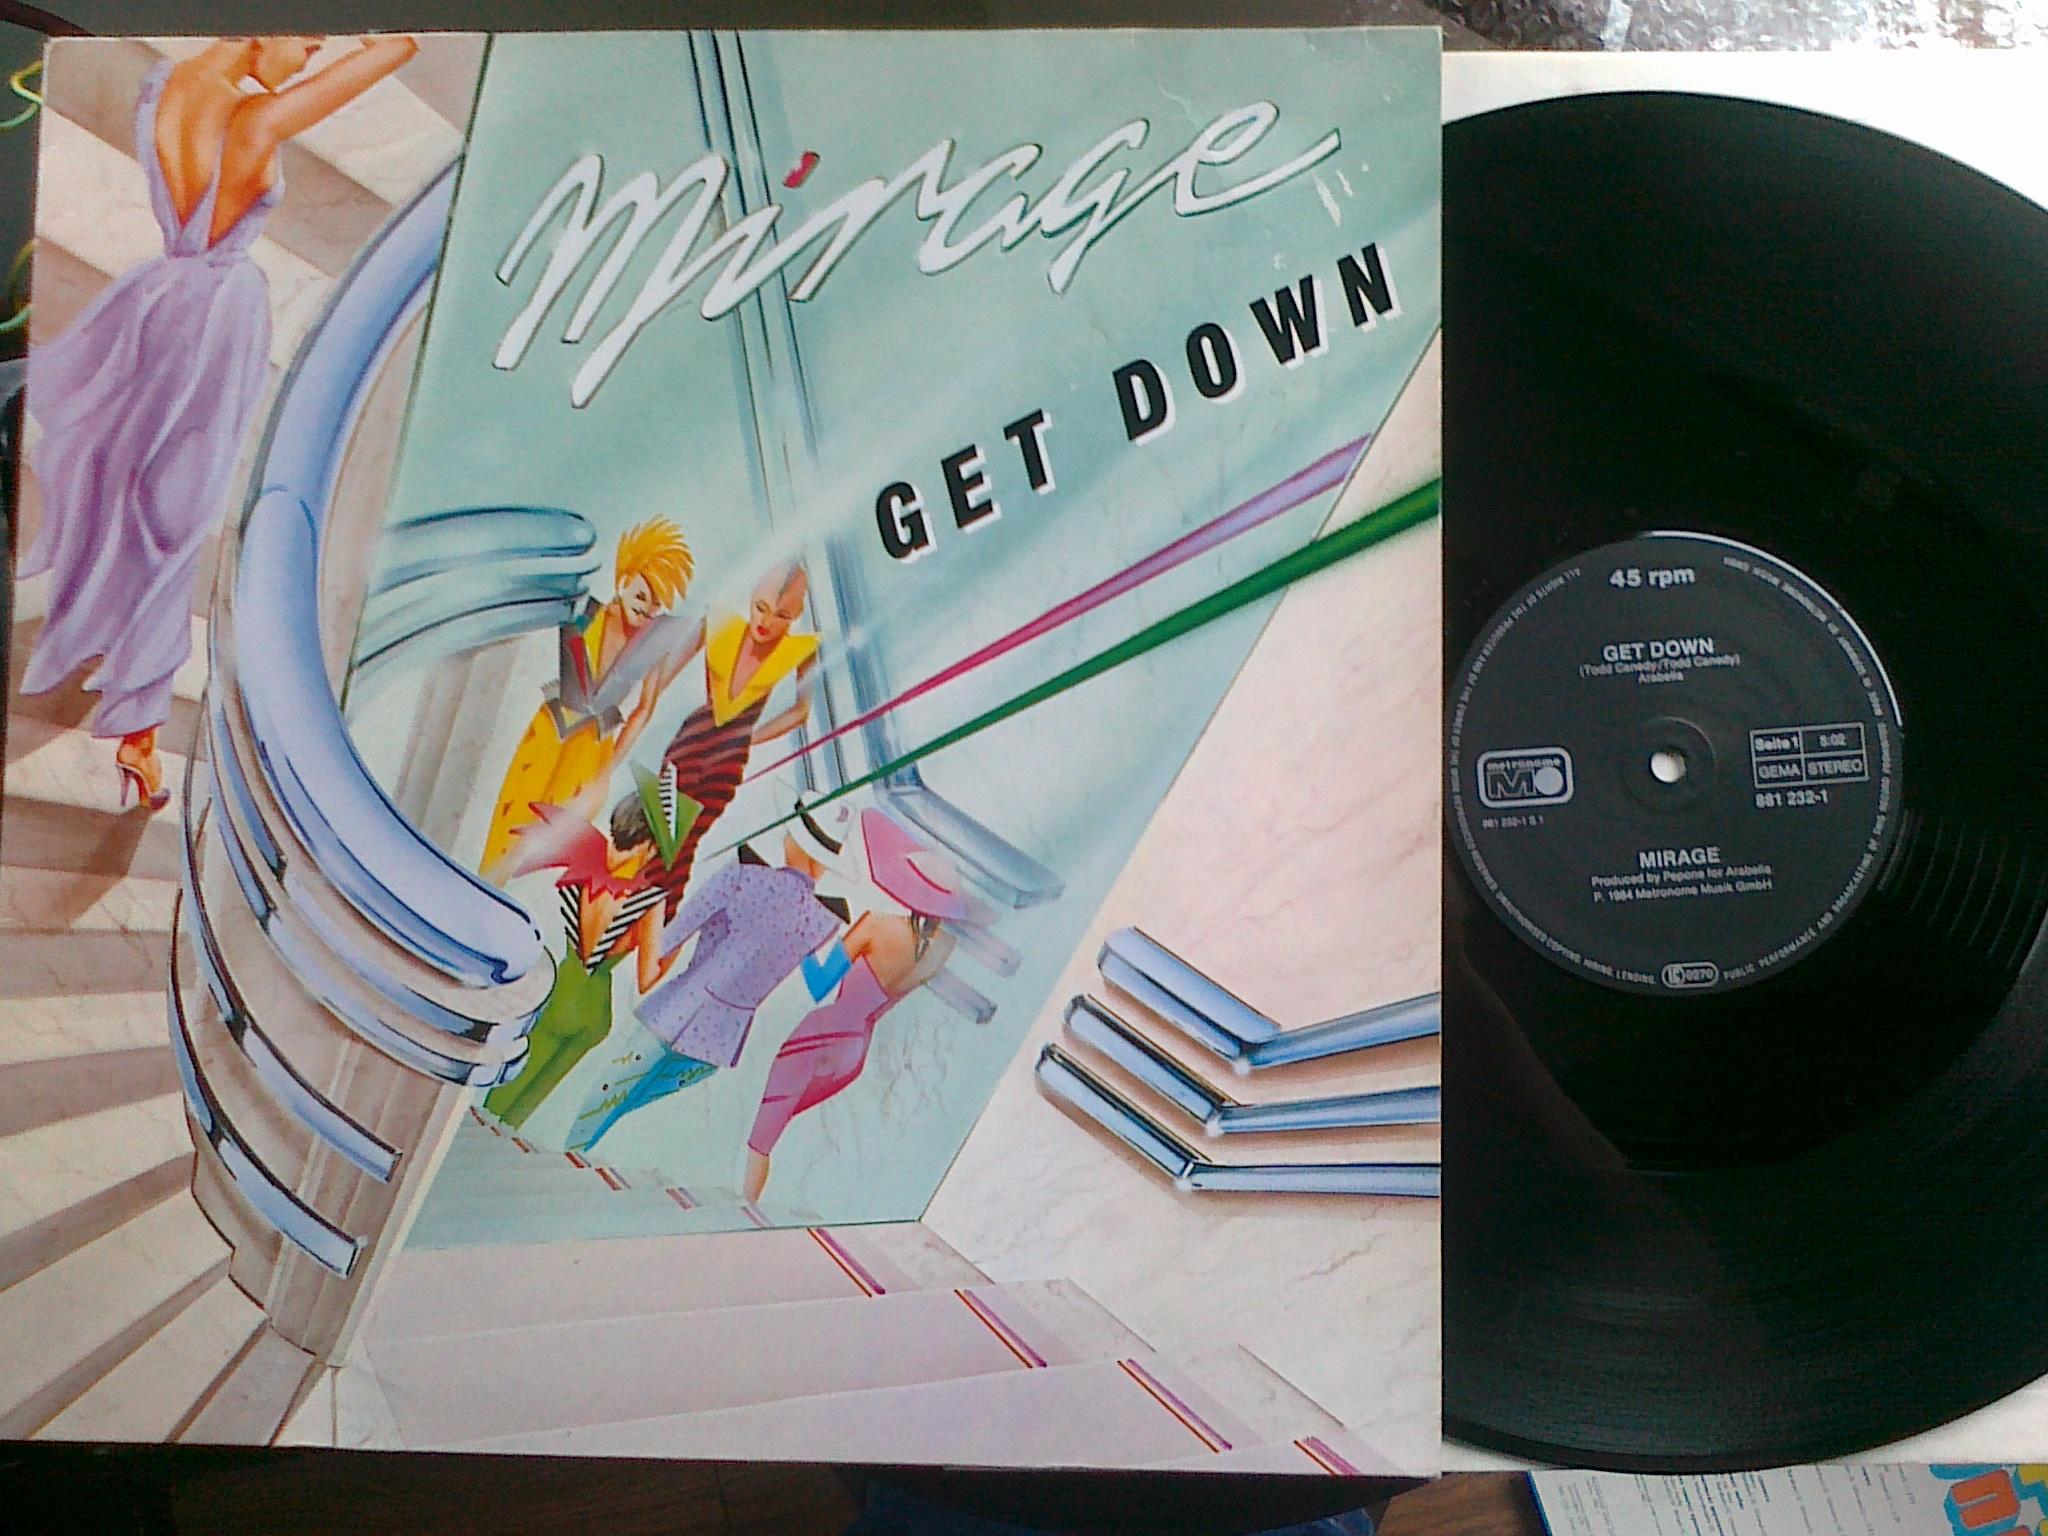 Mirage - Get Down